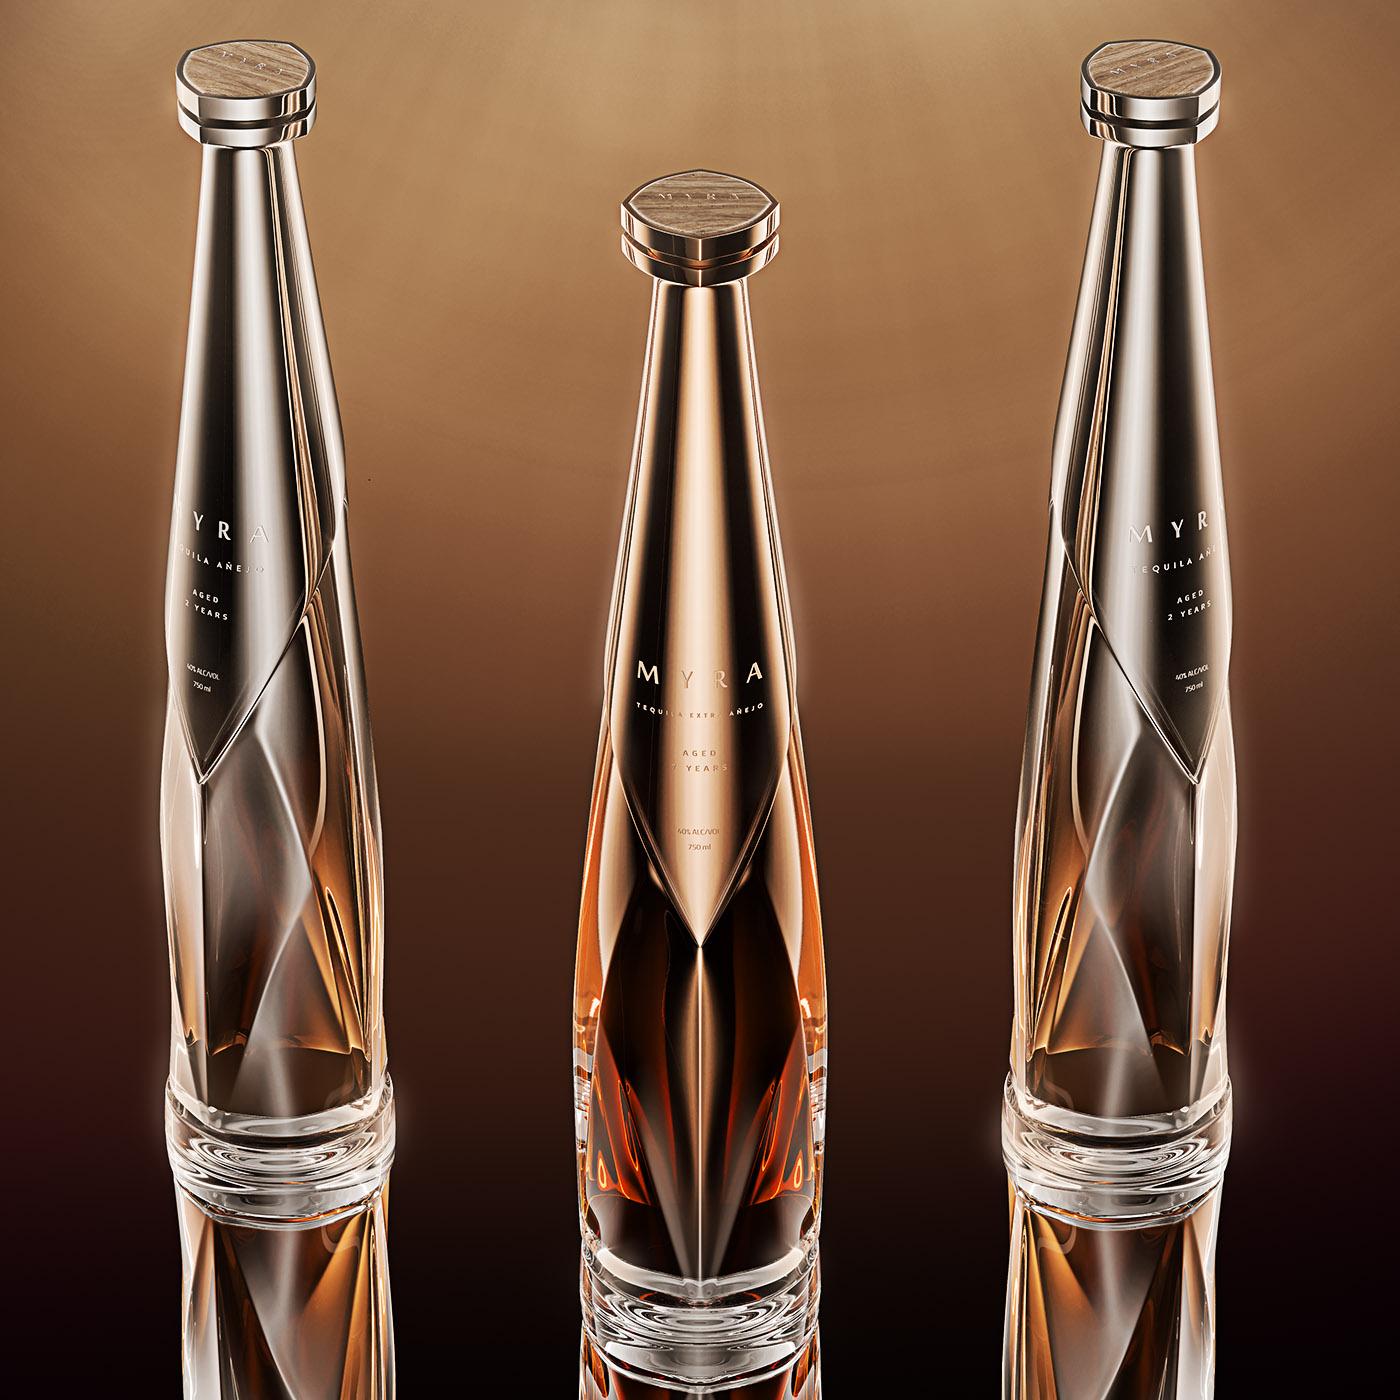 Luxury Tequila bottle Myra 2 b.jpg